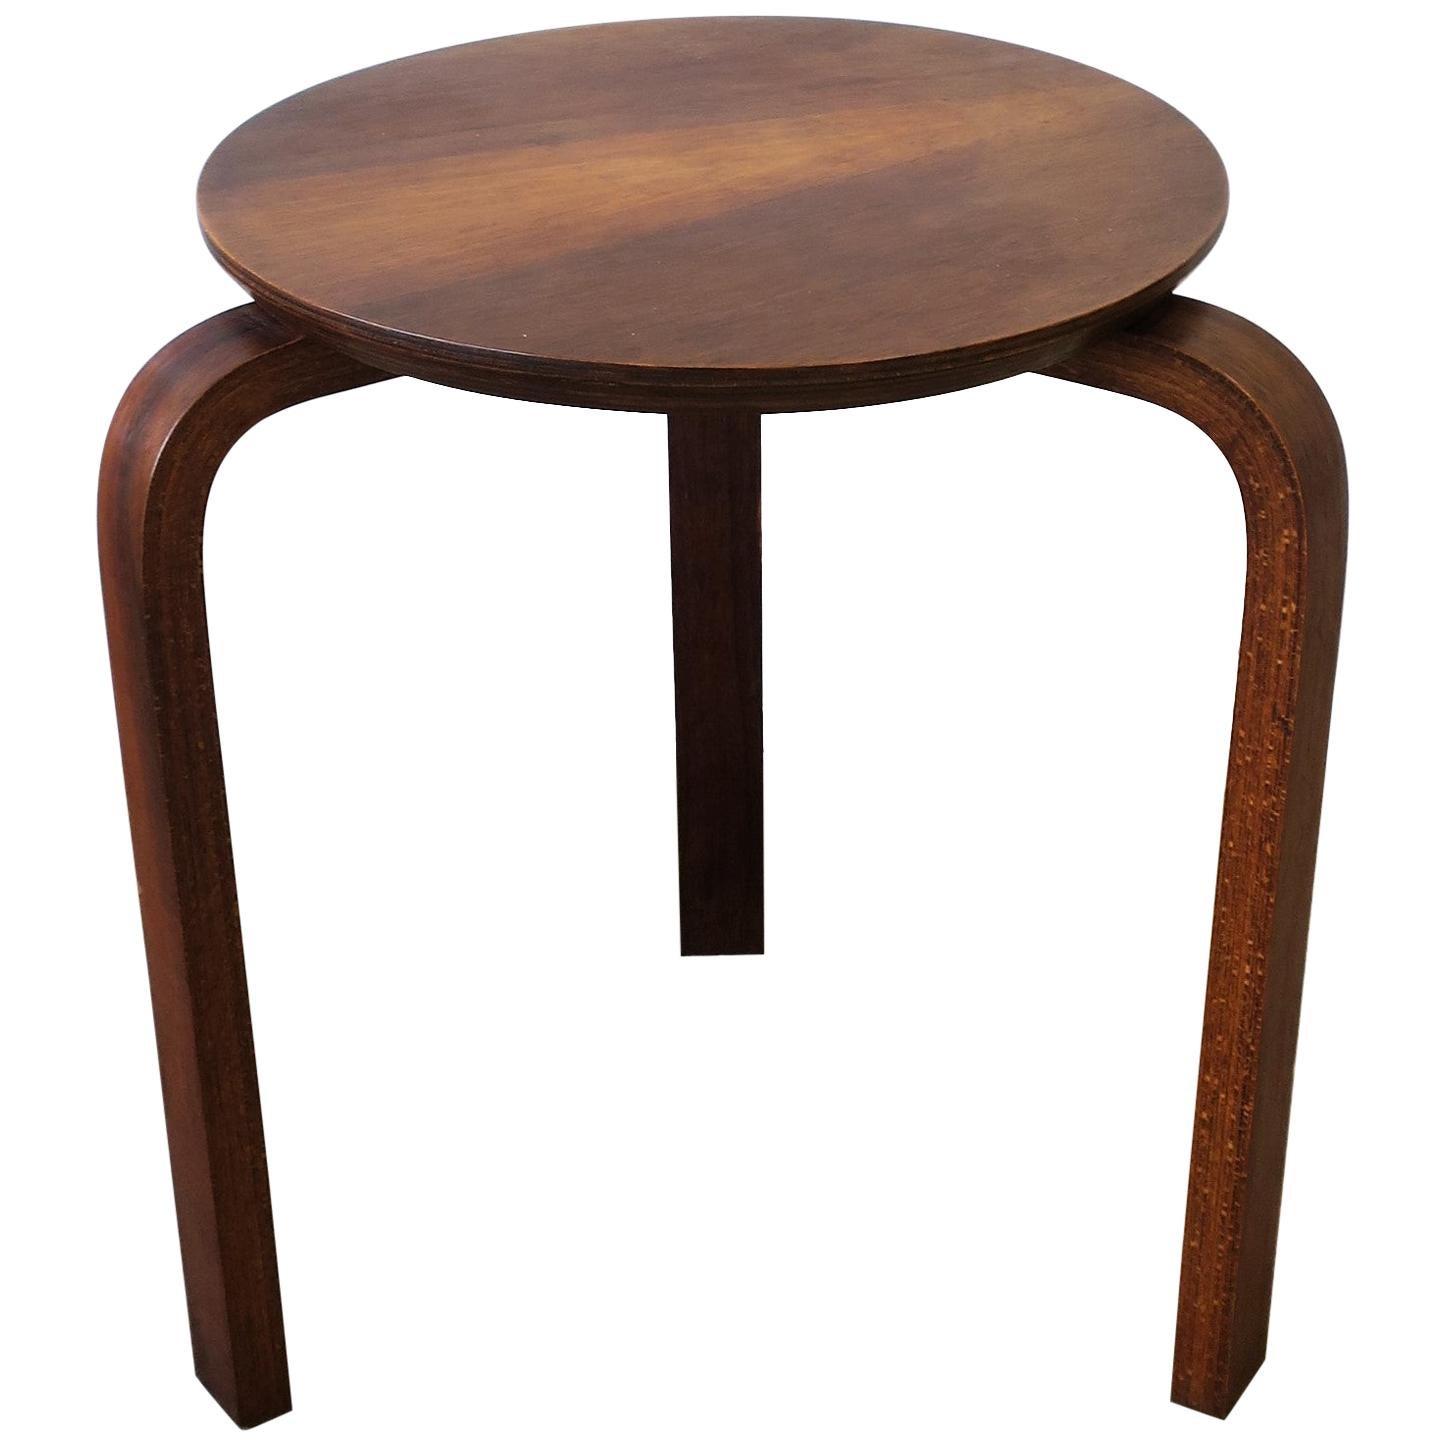 European Bentwood Stool or Side Table after Designer Alvar Aalto